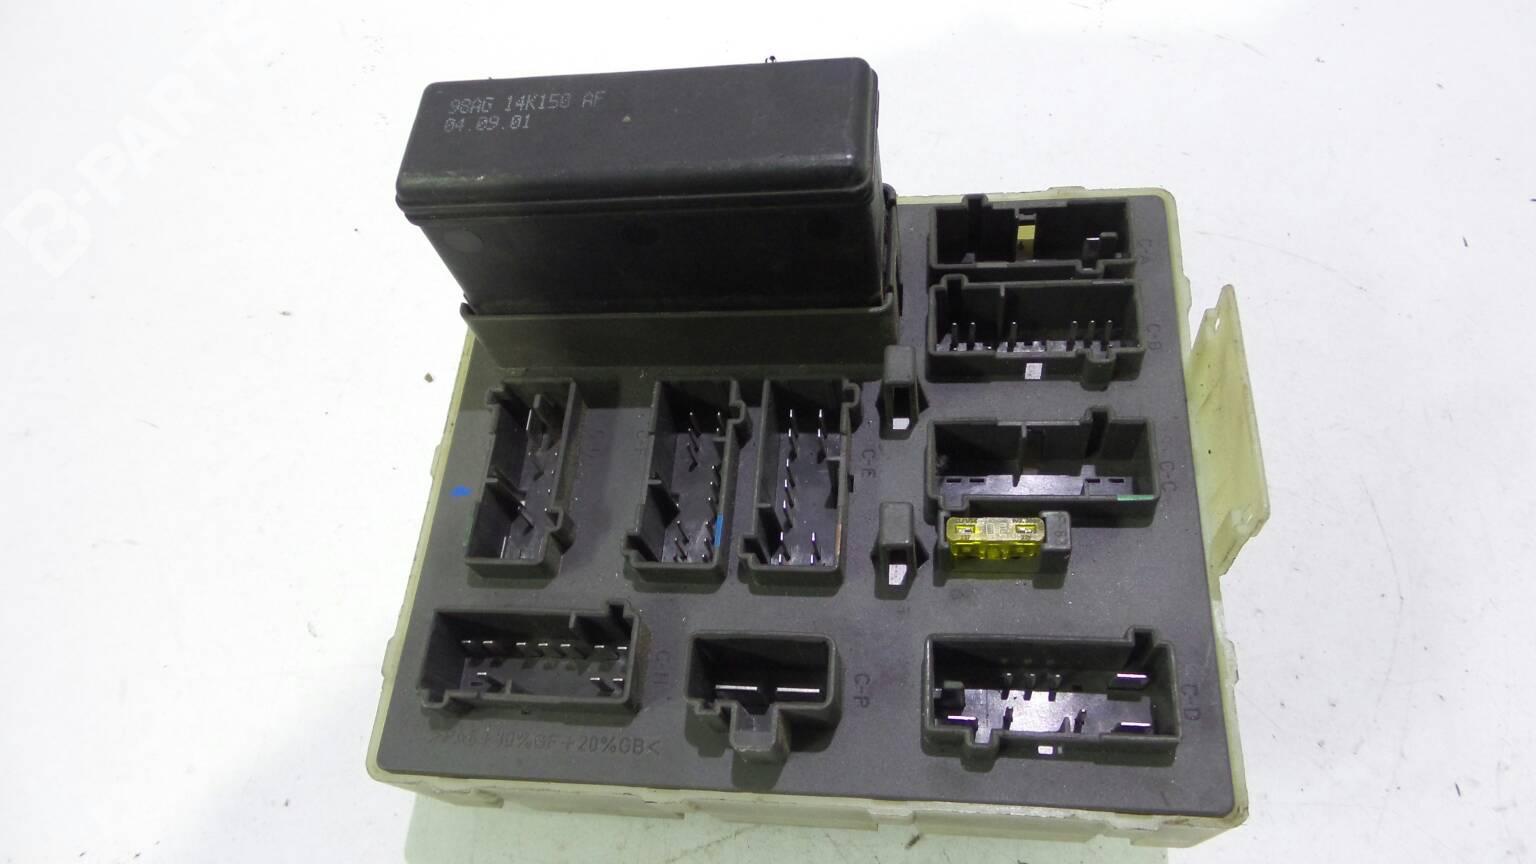 Fuse Box Ford Focus Daw Dbw 16 16v 1142896 2002 Se 9sag 14 A0736h